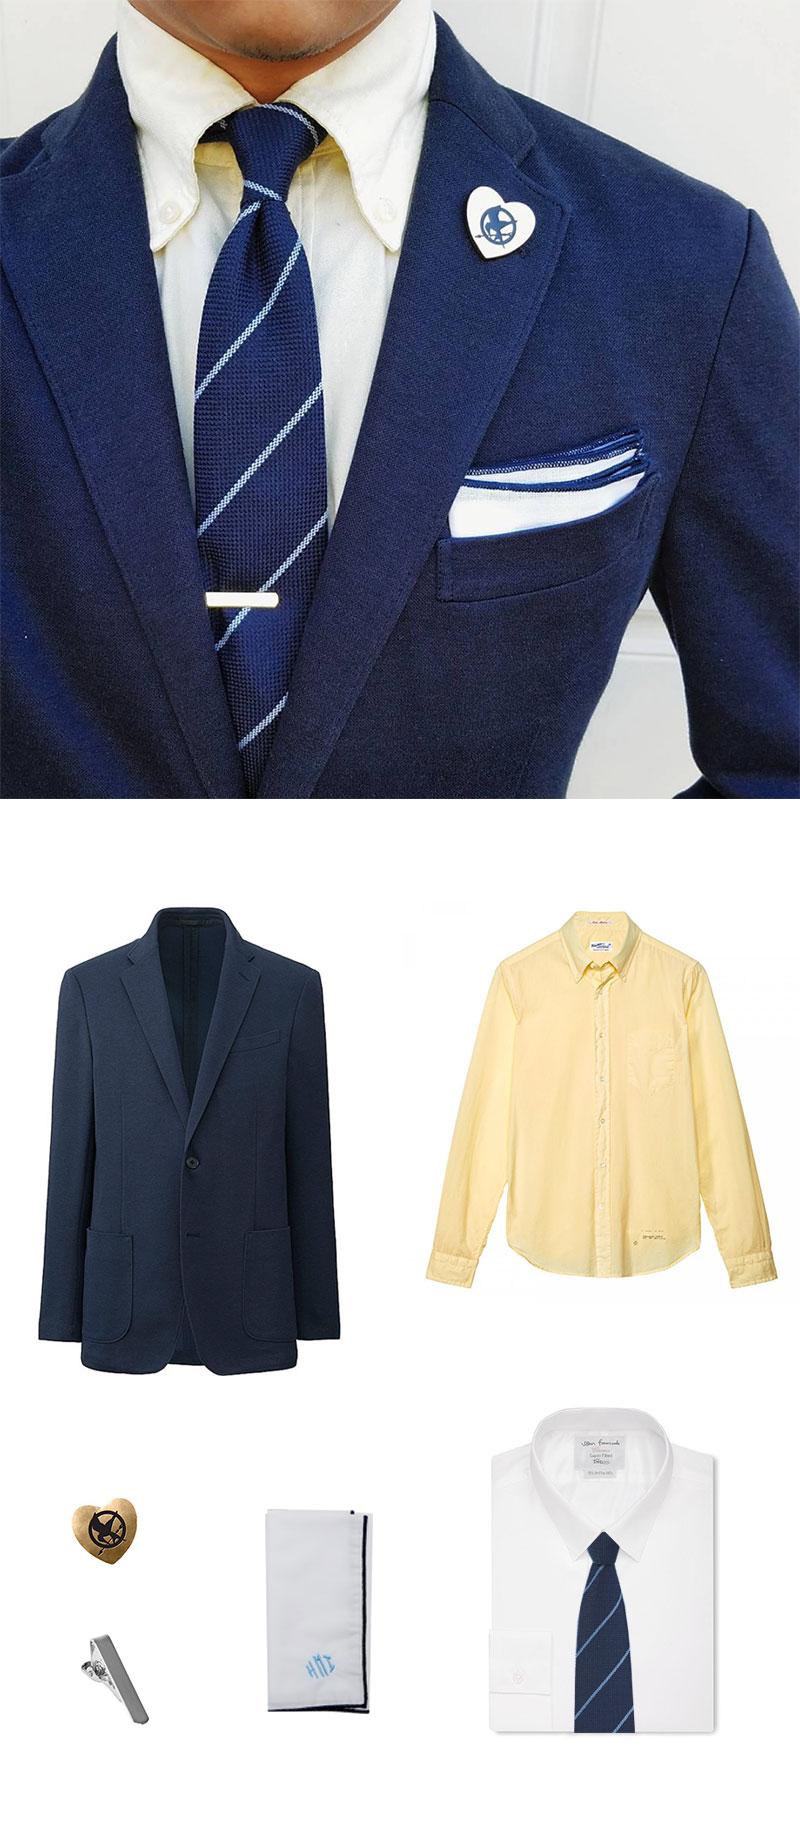 Fresh Skinny Tie and Blazer